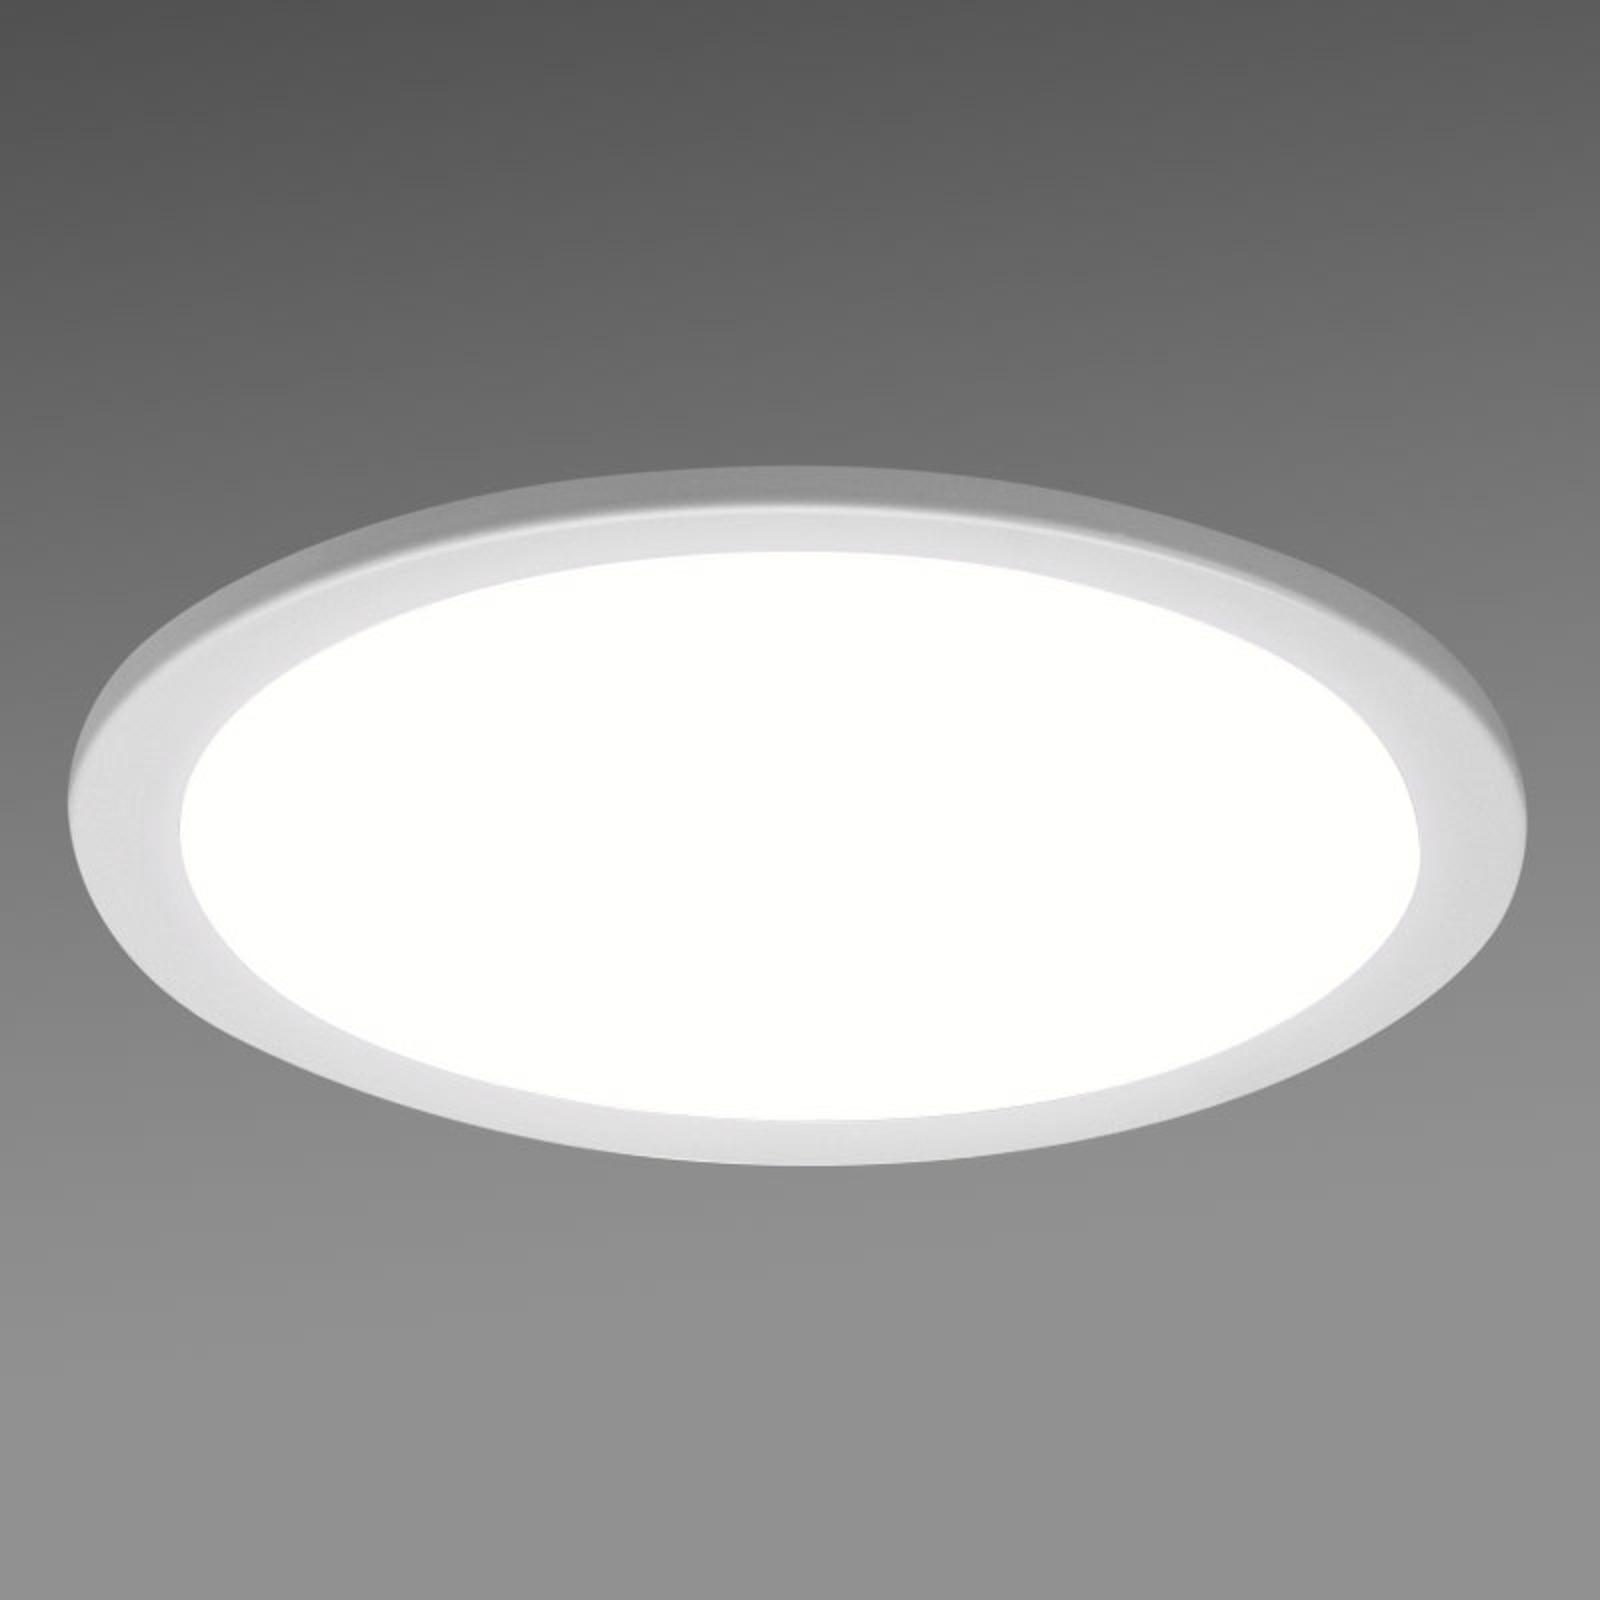 Pyöreä upotettava LED-alasvalo SBLG, 3 000 K